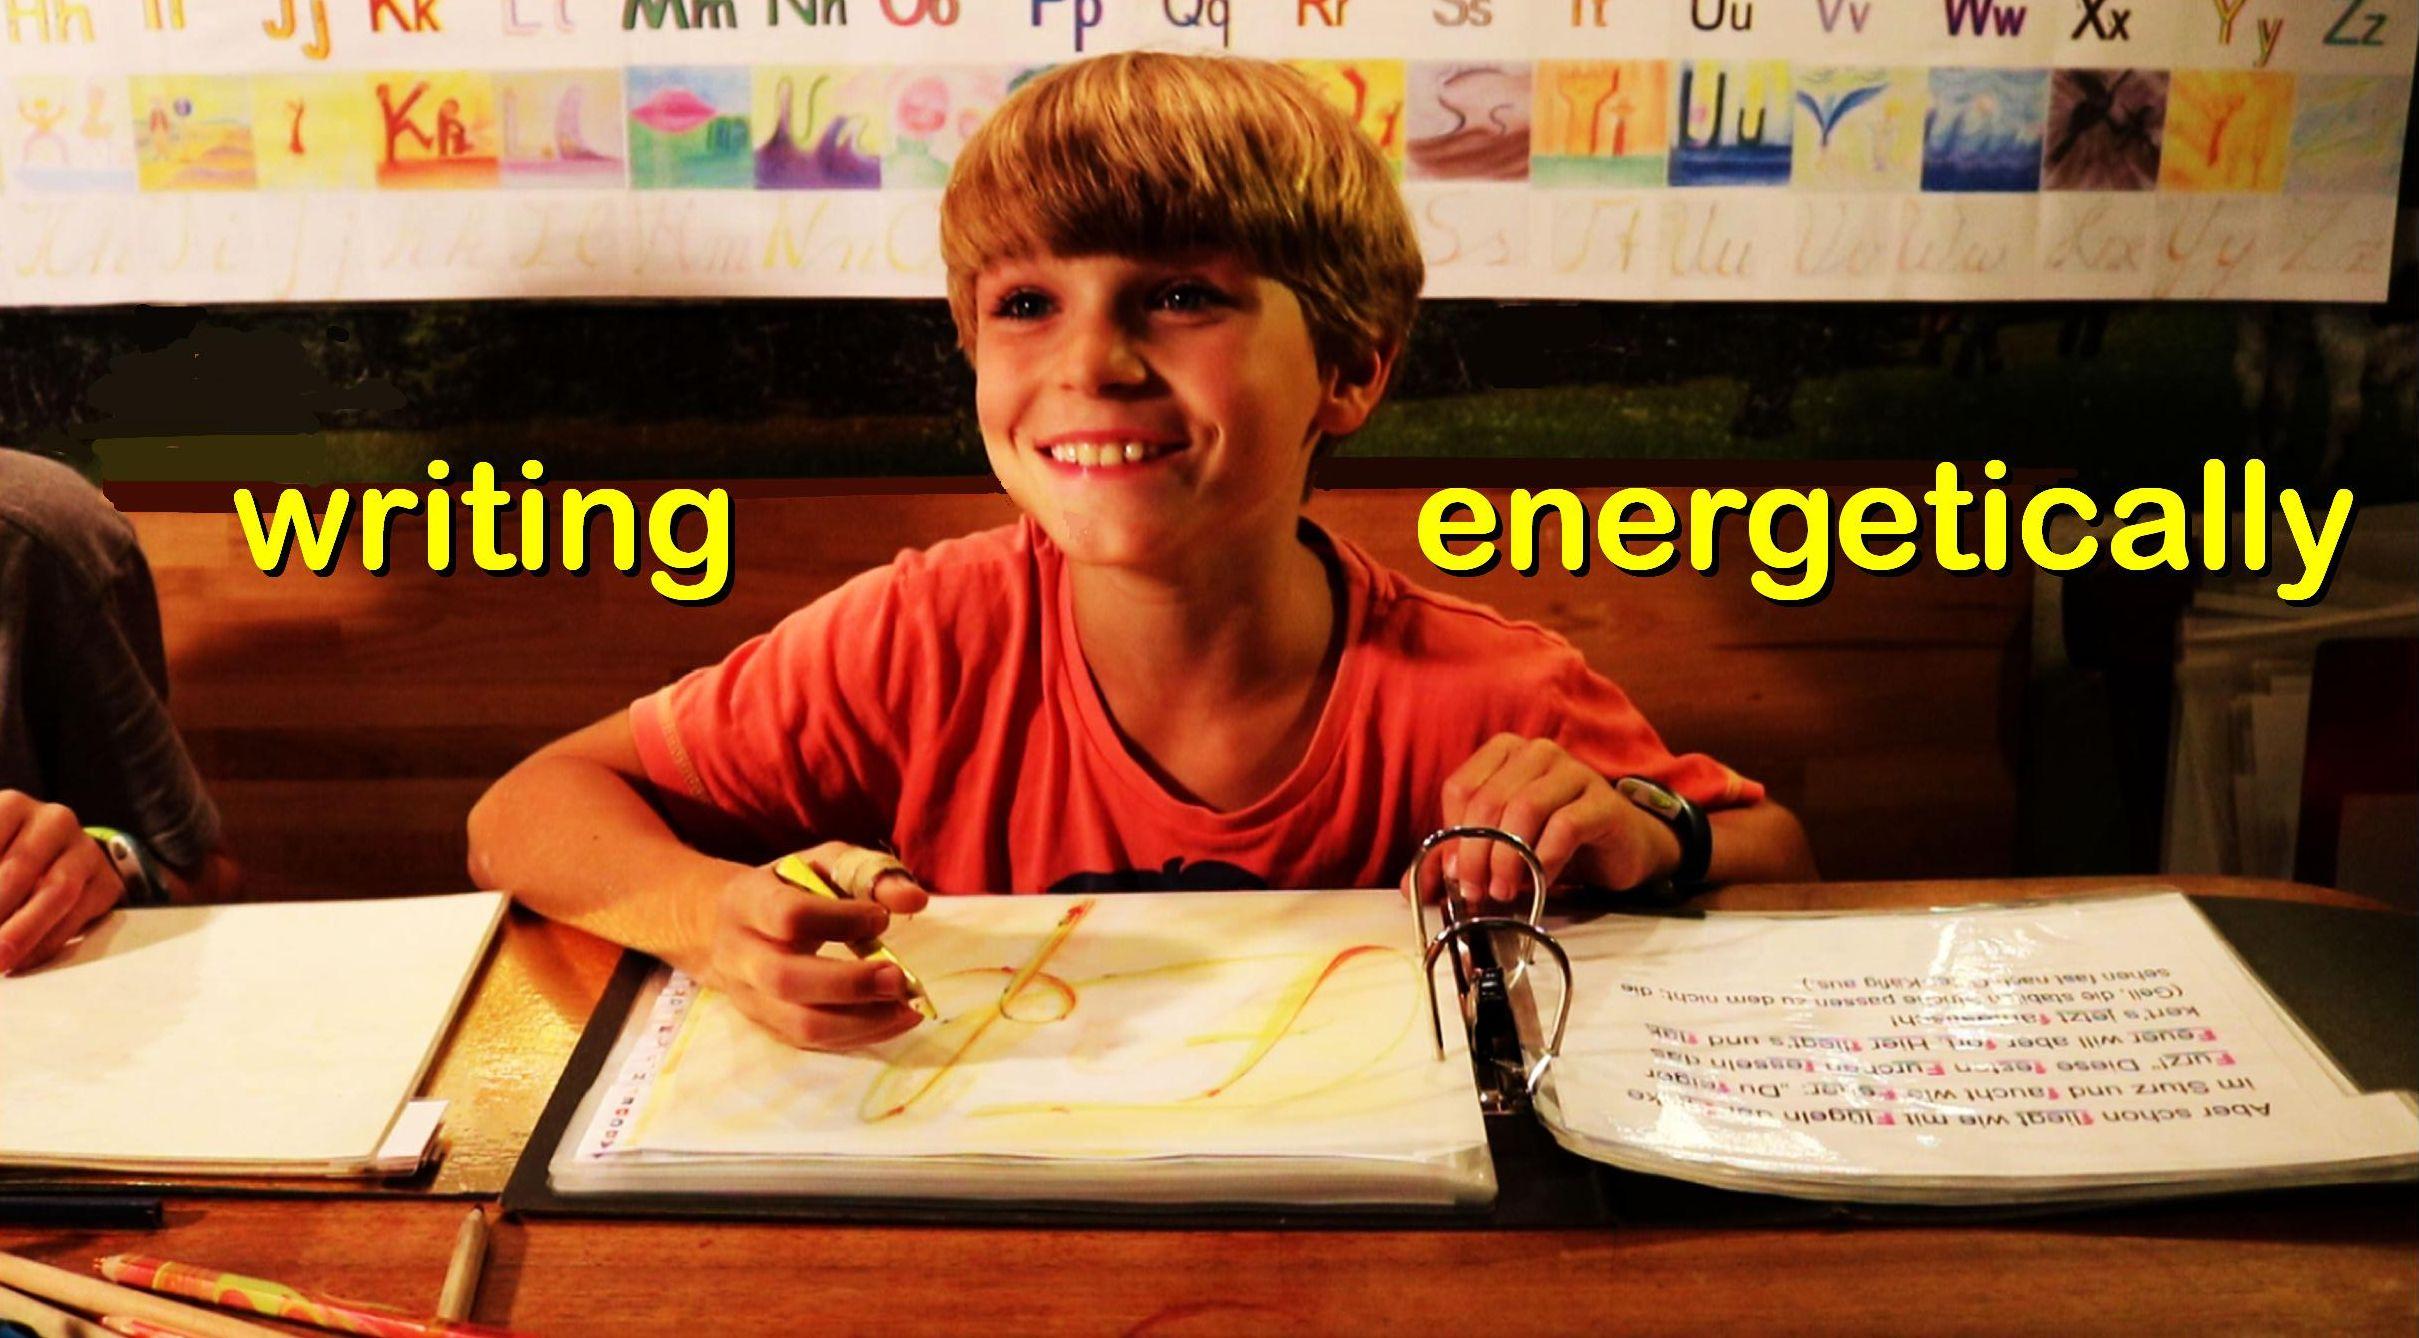 en_energetically